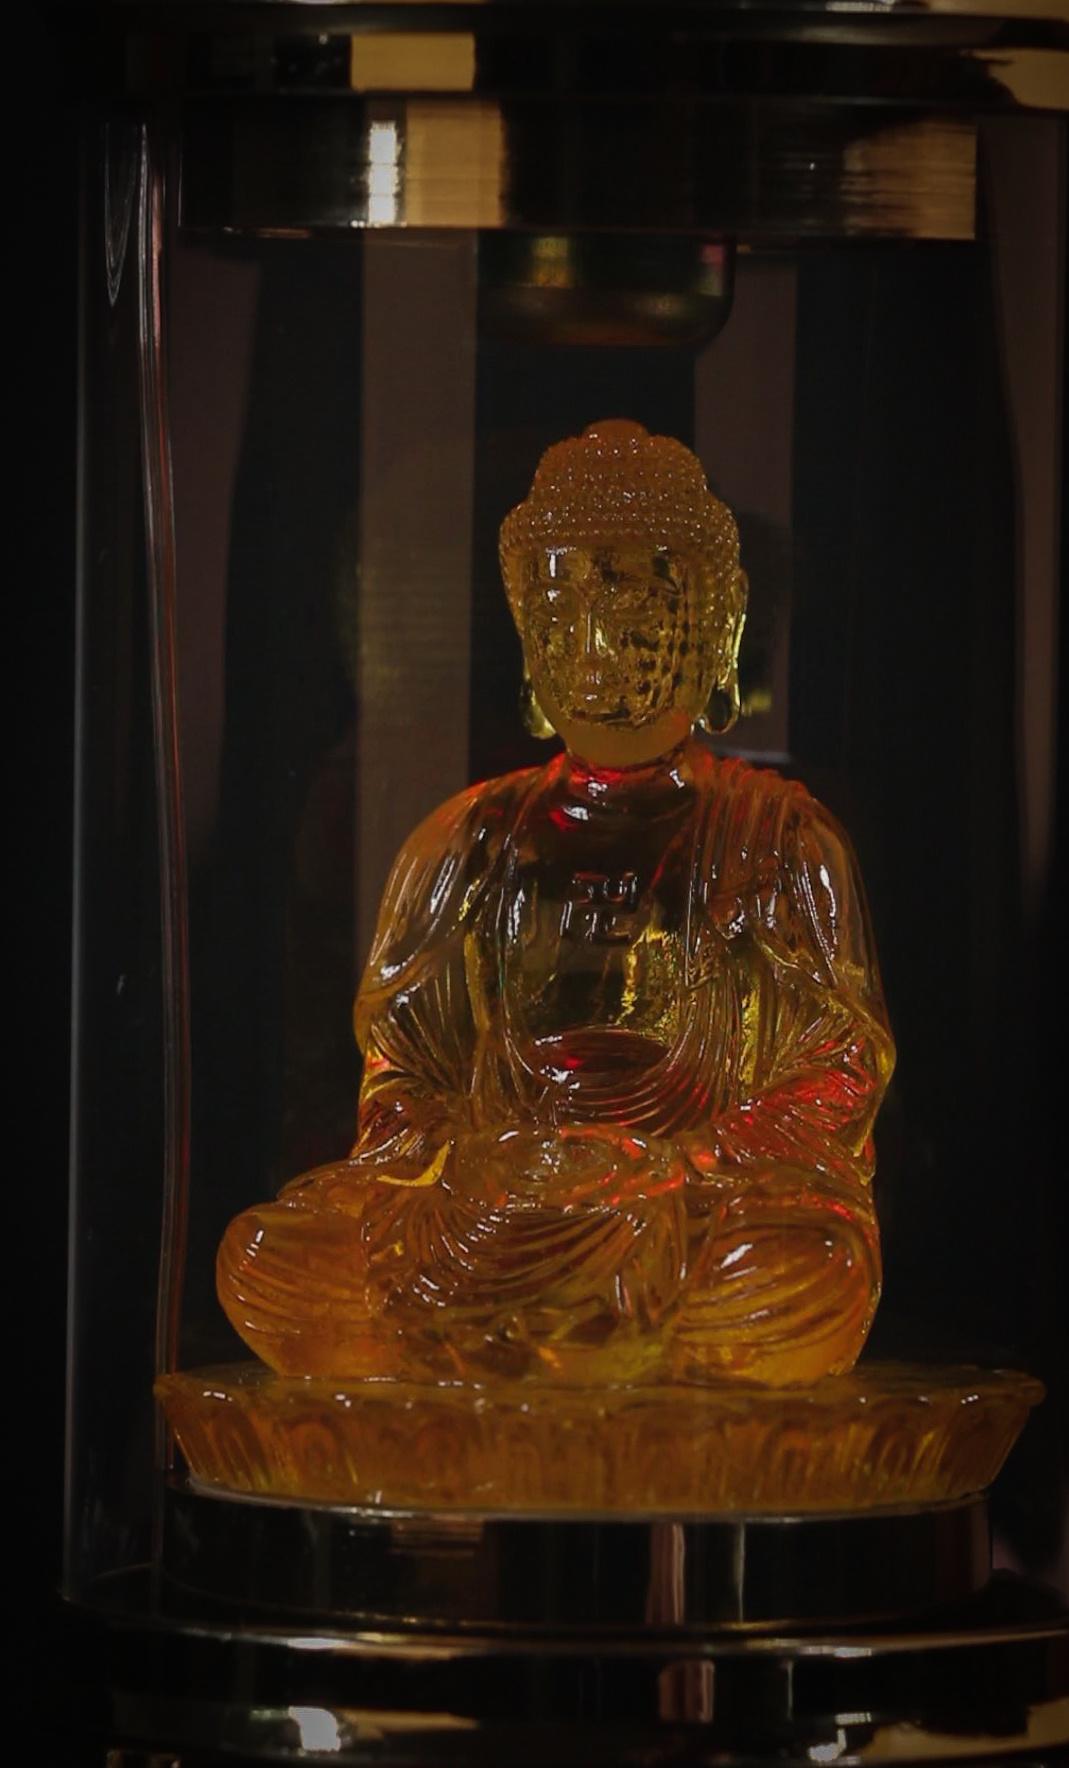 佛教音乐机拍摄淘宝产品拍摄泉州佛教用品小视游戏视频挖掘机图片